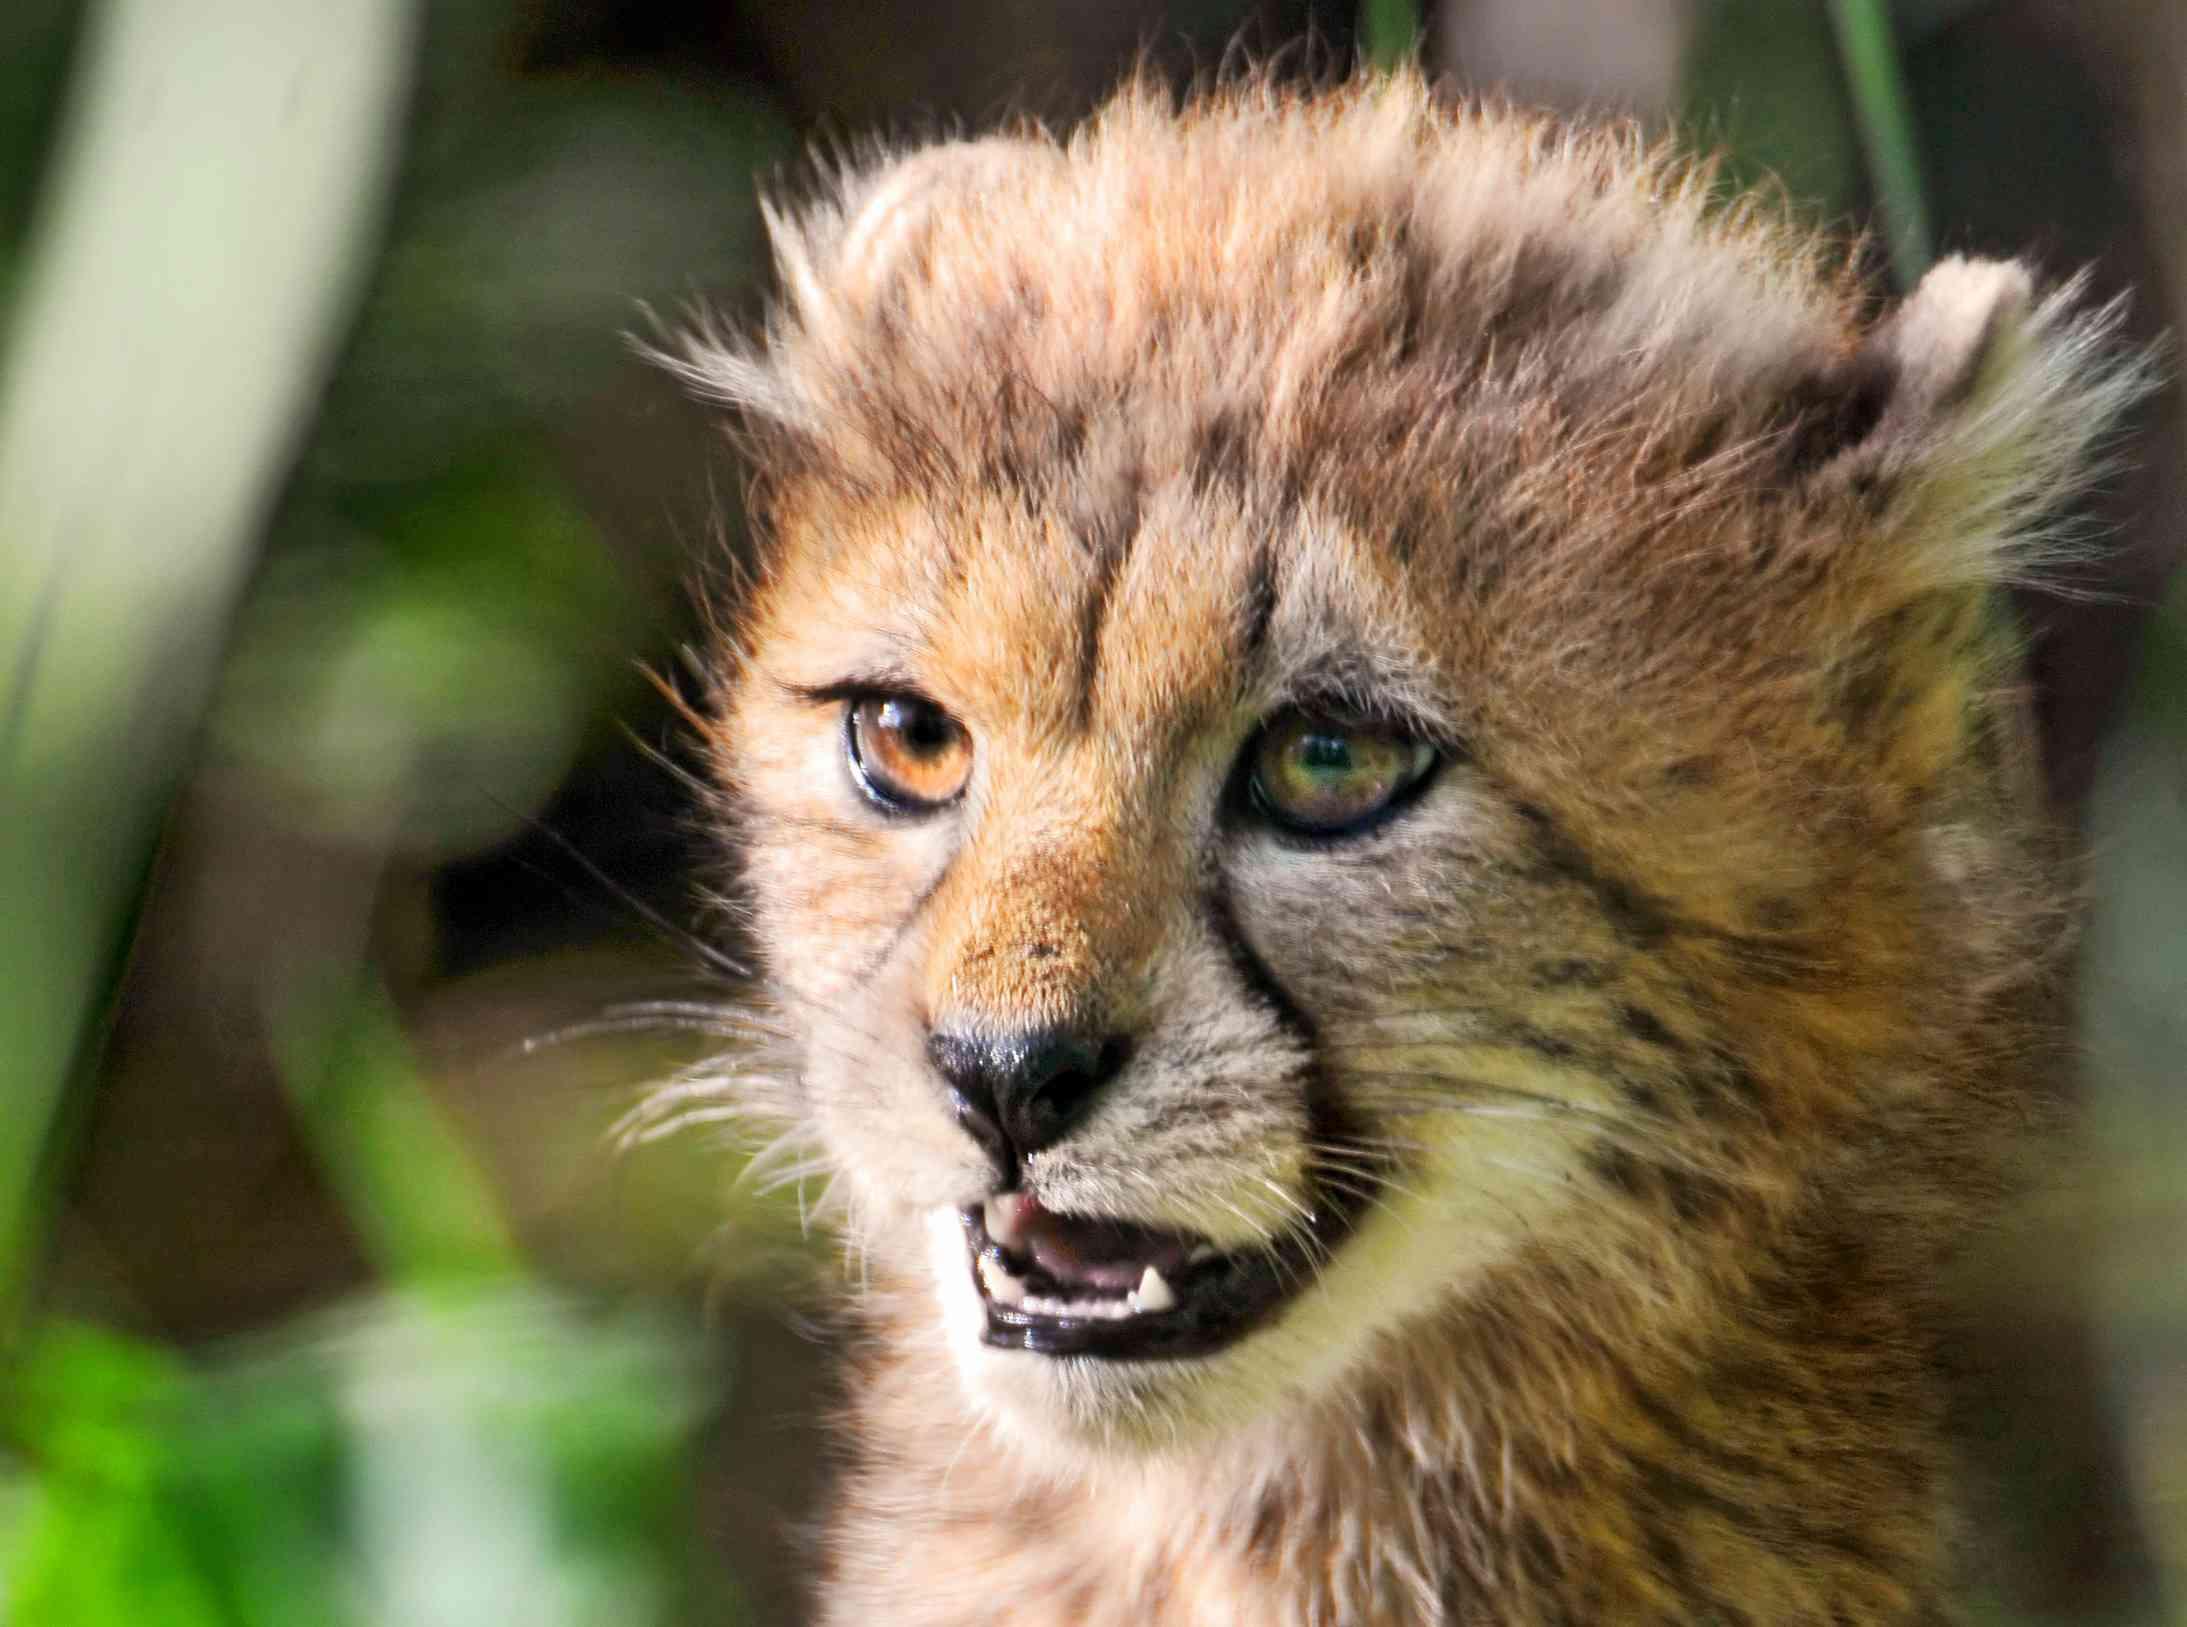 cheetah cub looking fierce